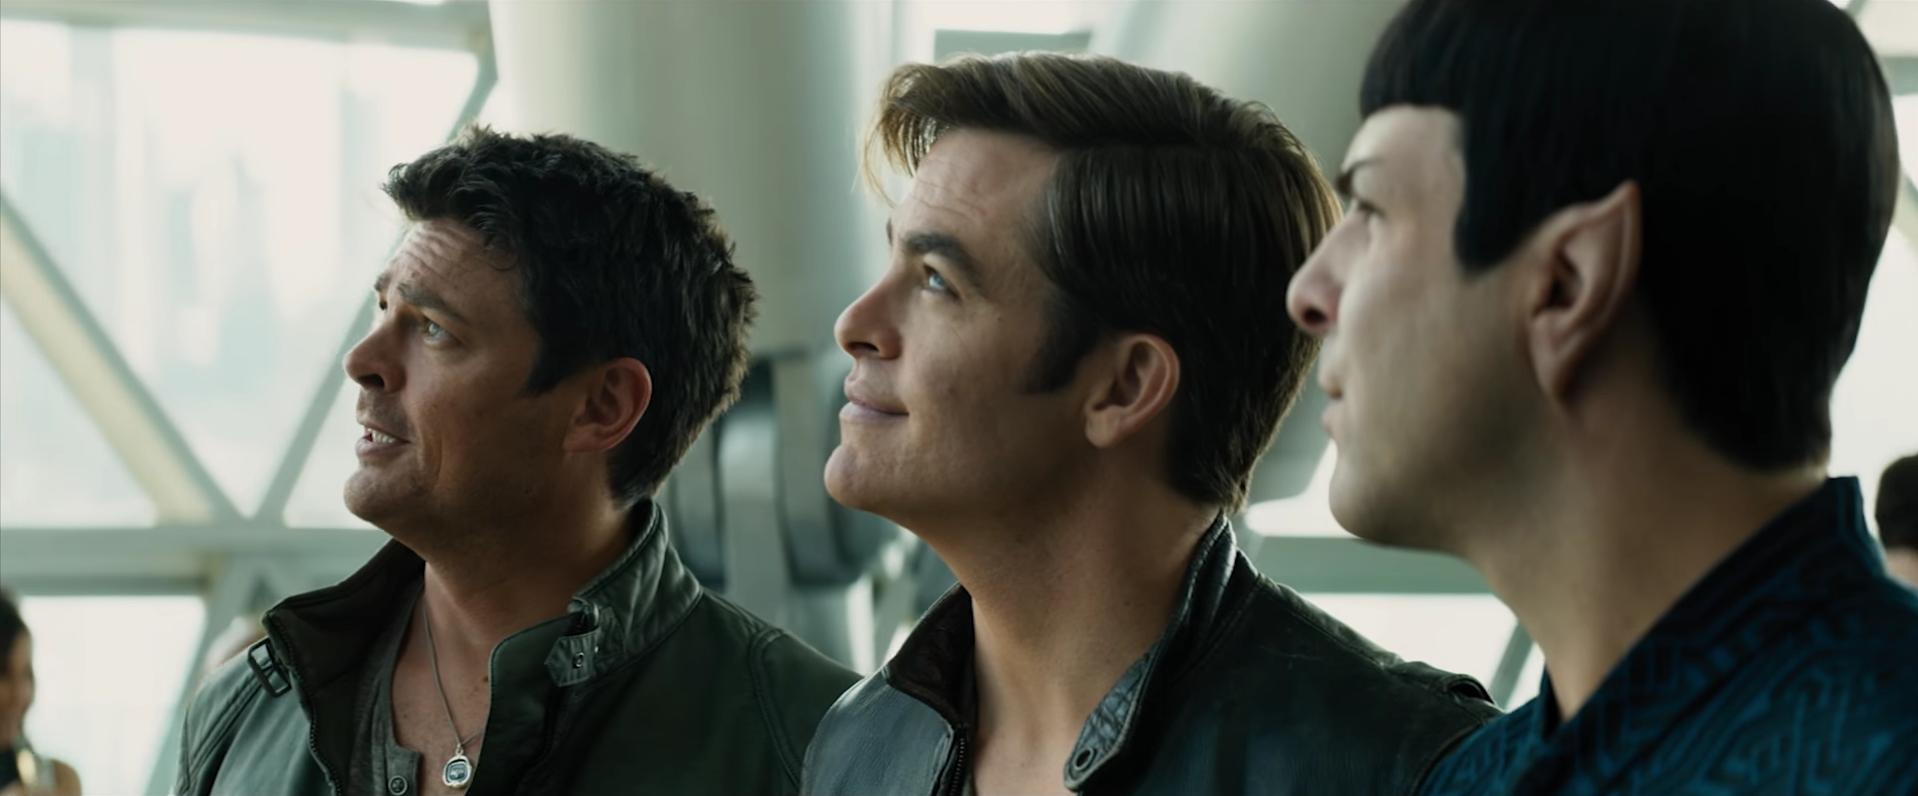 Die Crew der Enterprise, gespielt von Chris Pine, Zachary Quinto (r.) und Karl Urban (l.).